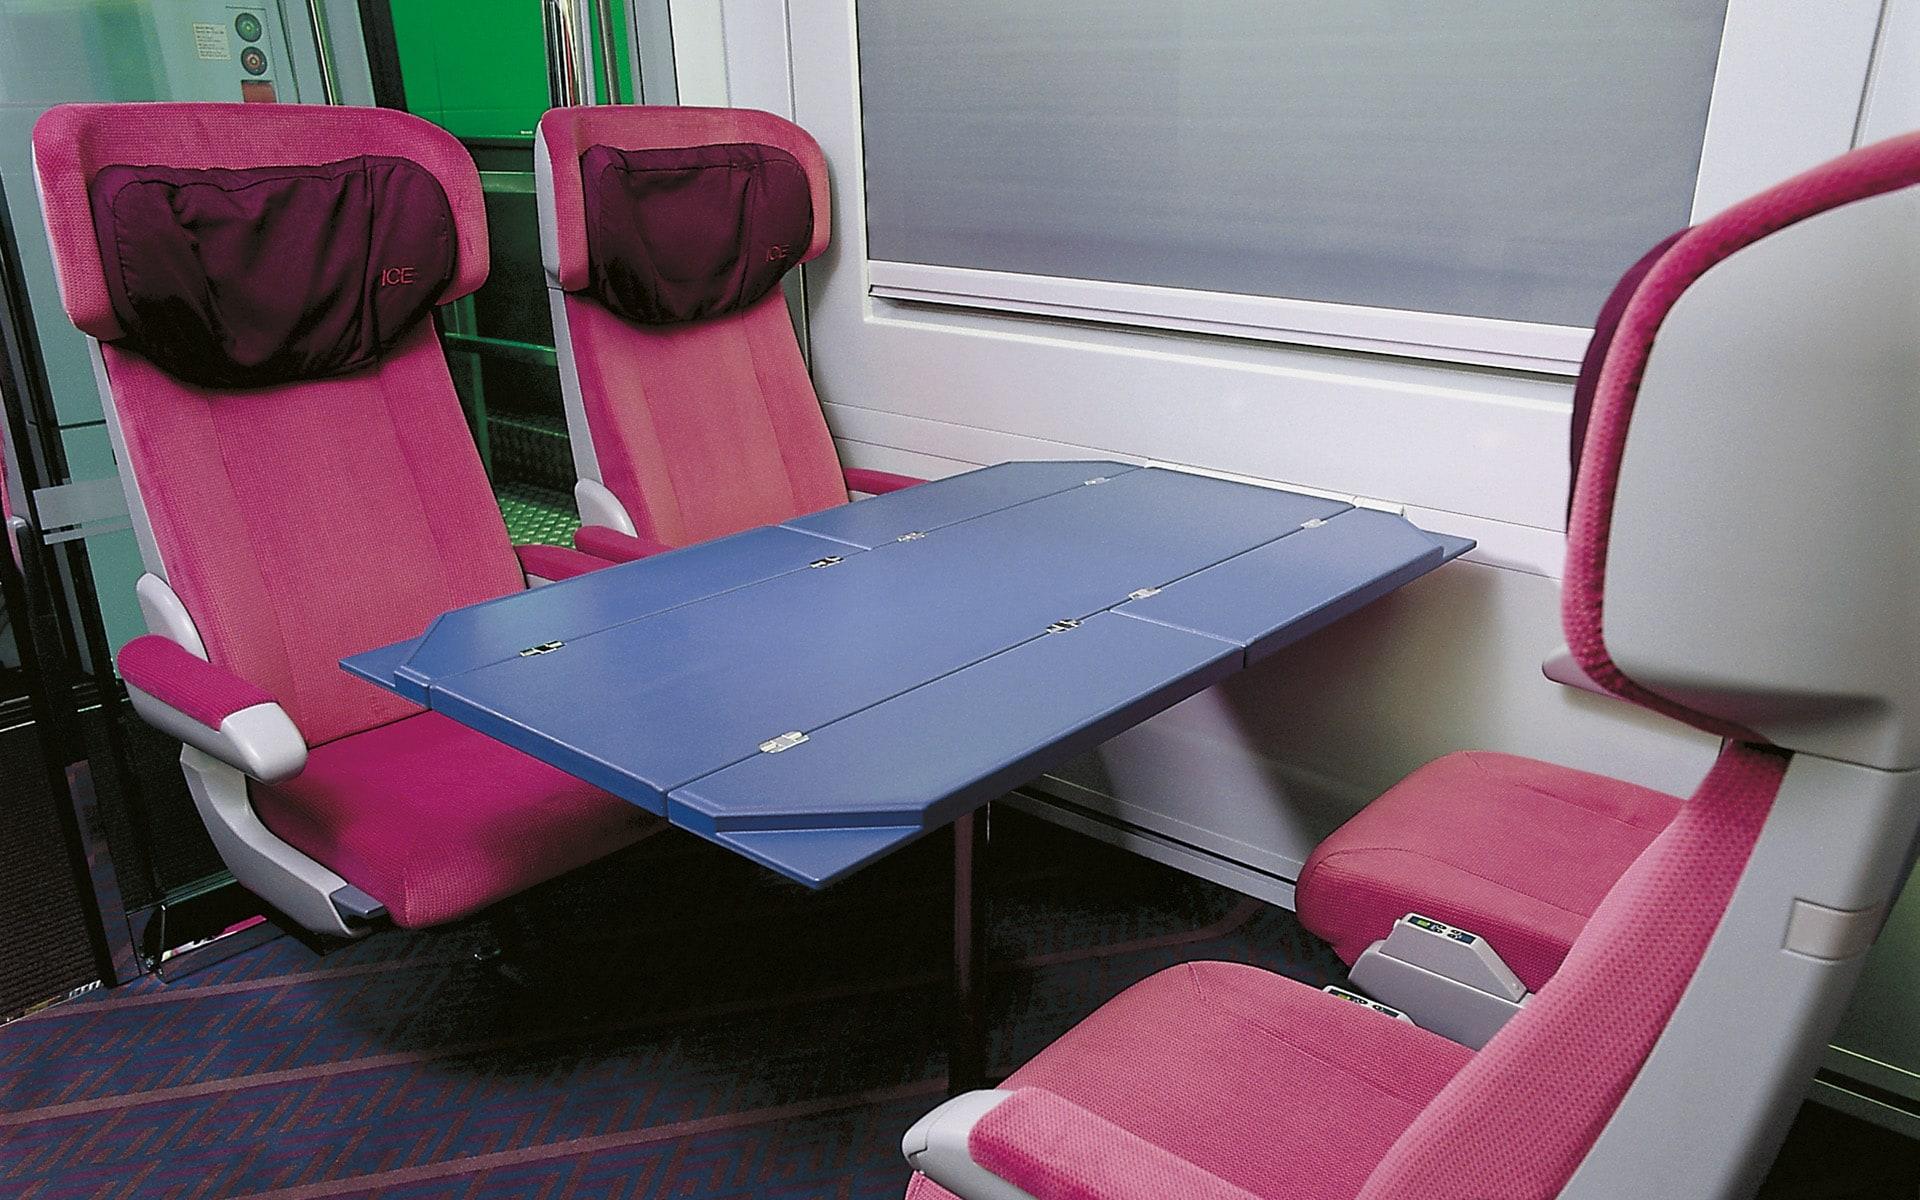 Familienbereich in leuchtendem Pink für den Intercity-Zug der Deutschen Bahn von ITO Design, 1994 entworfen